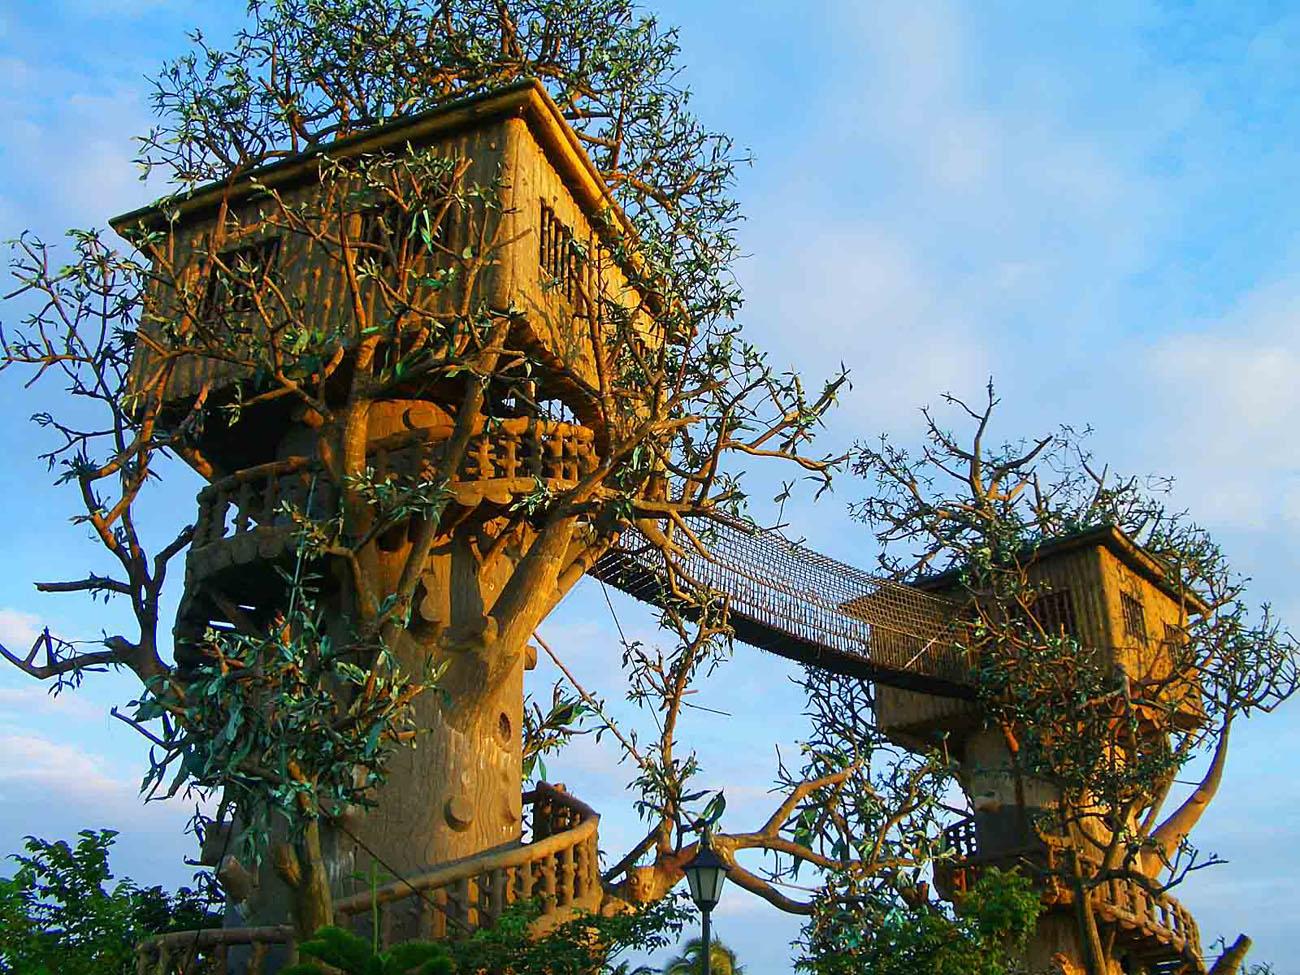 Casa sull albero - Casa sull albero minecraft ...